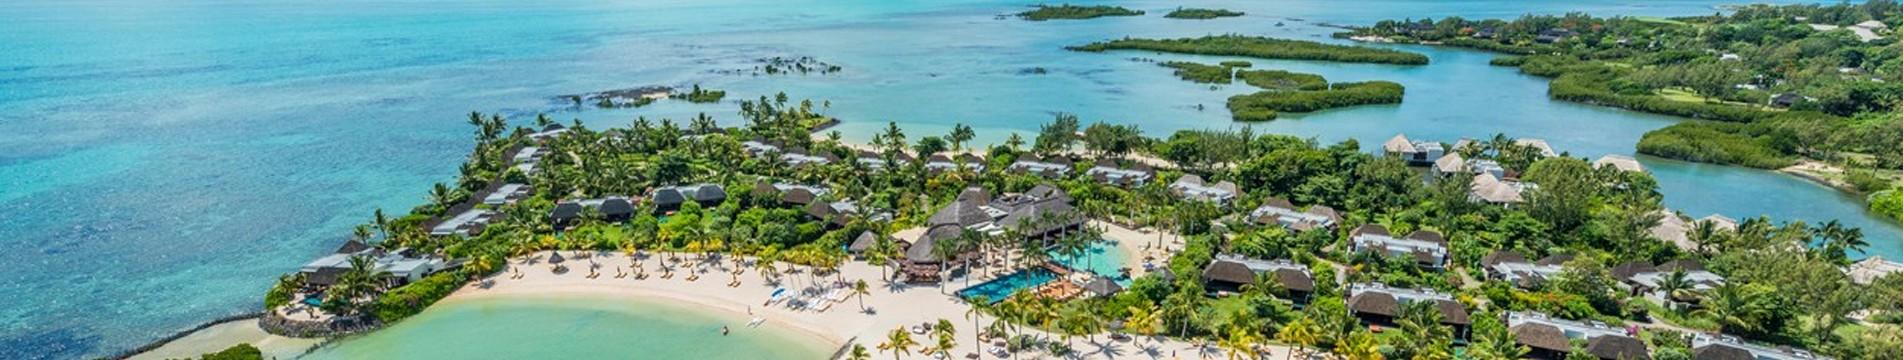 Holiday At Mauritius